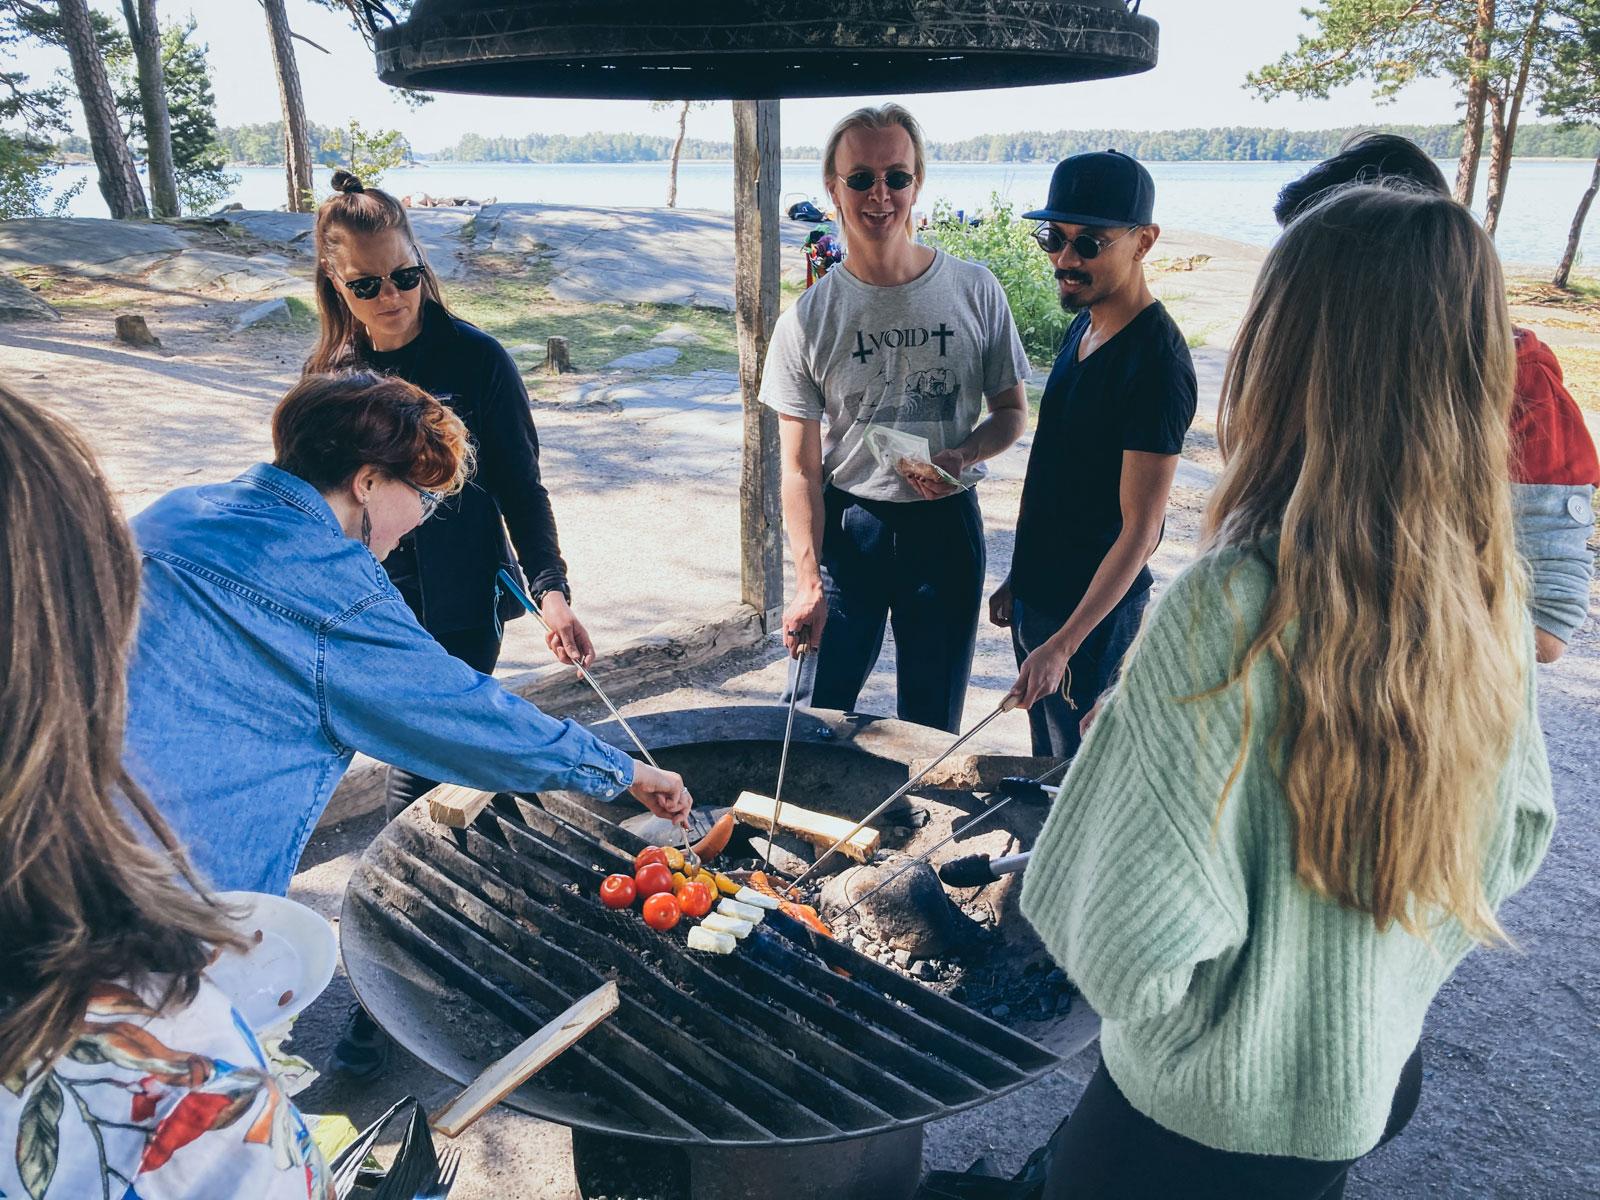 Helsinki XR Center team grilling.